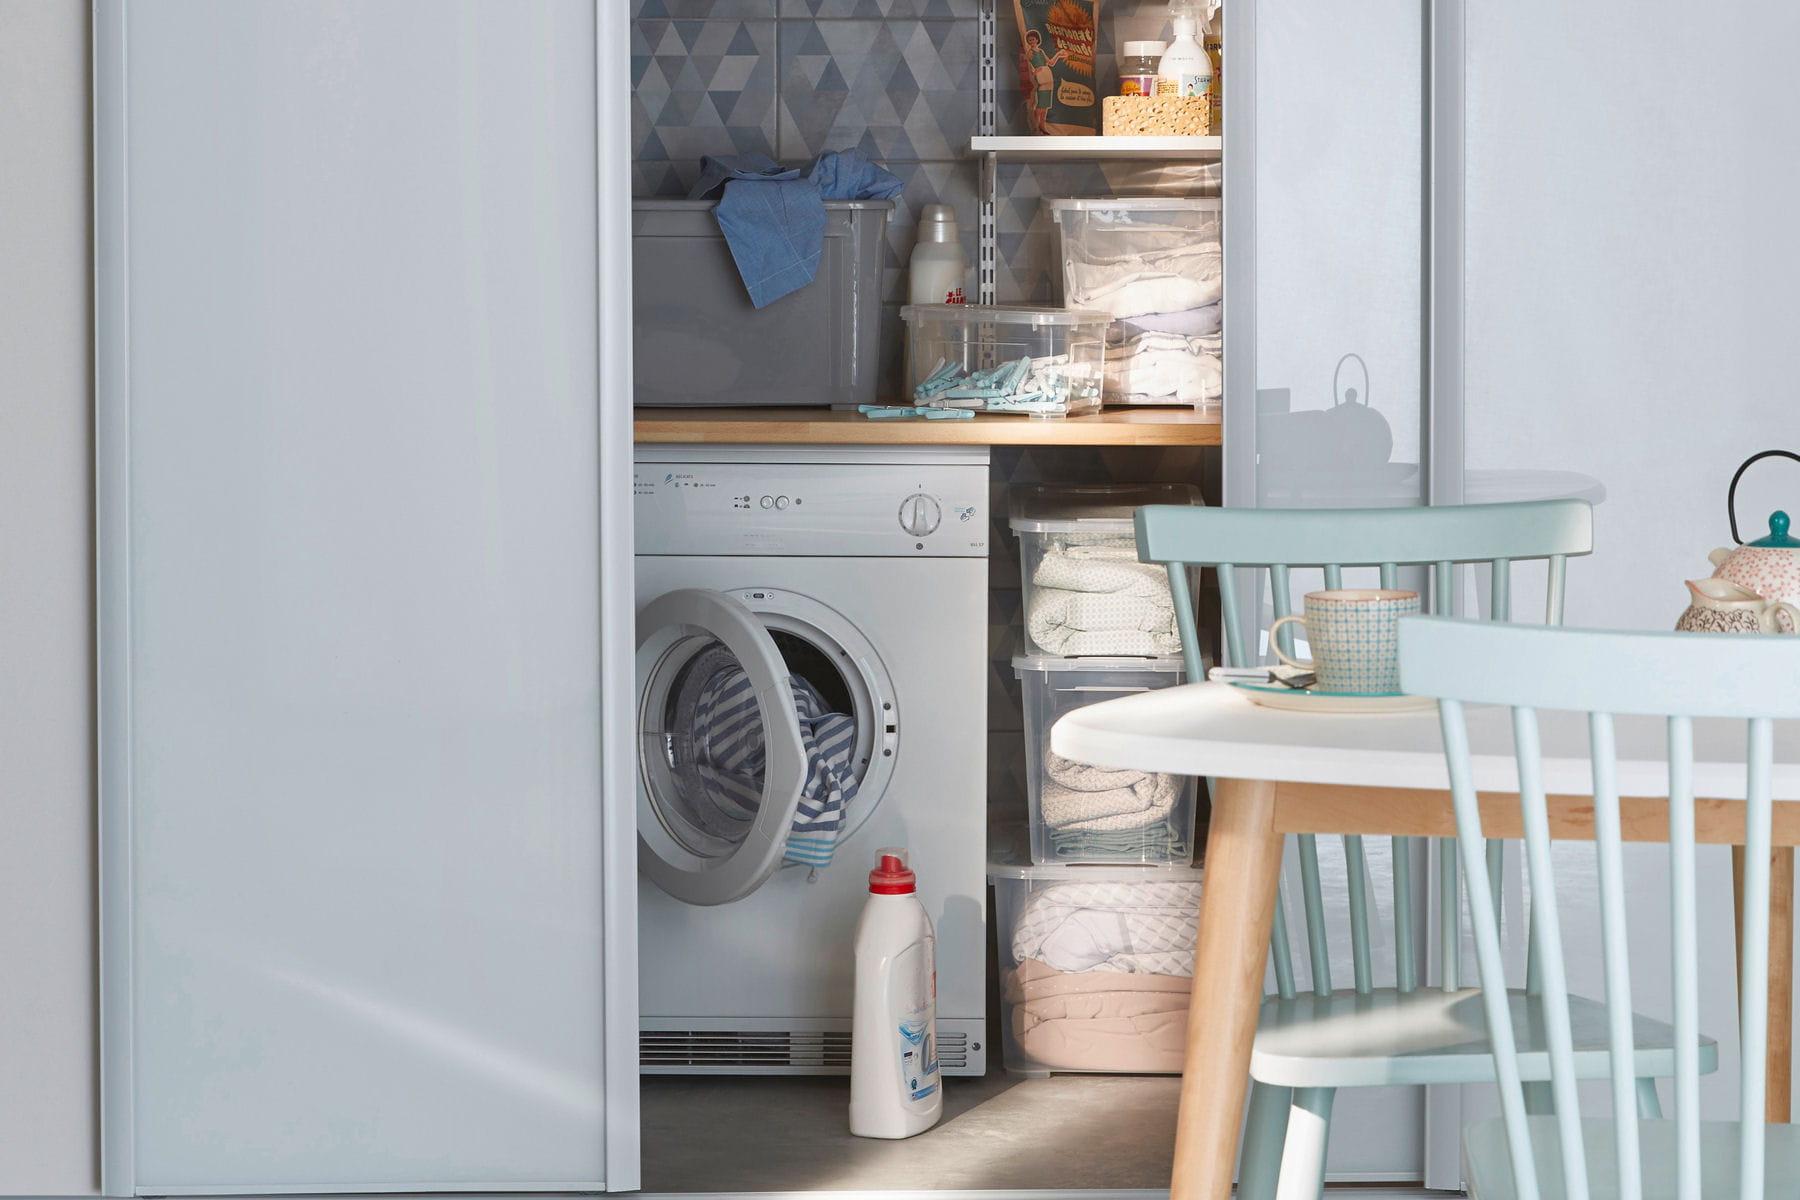 cacher l 39 espace buanderie derri re une porte coulissante. Black Bedroom Furniture Sets. Home Design Ideas